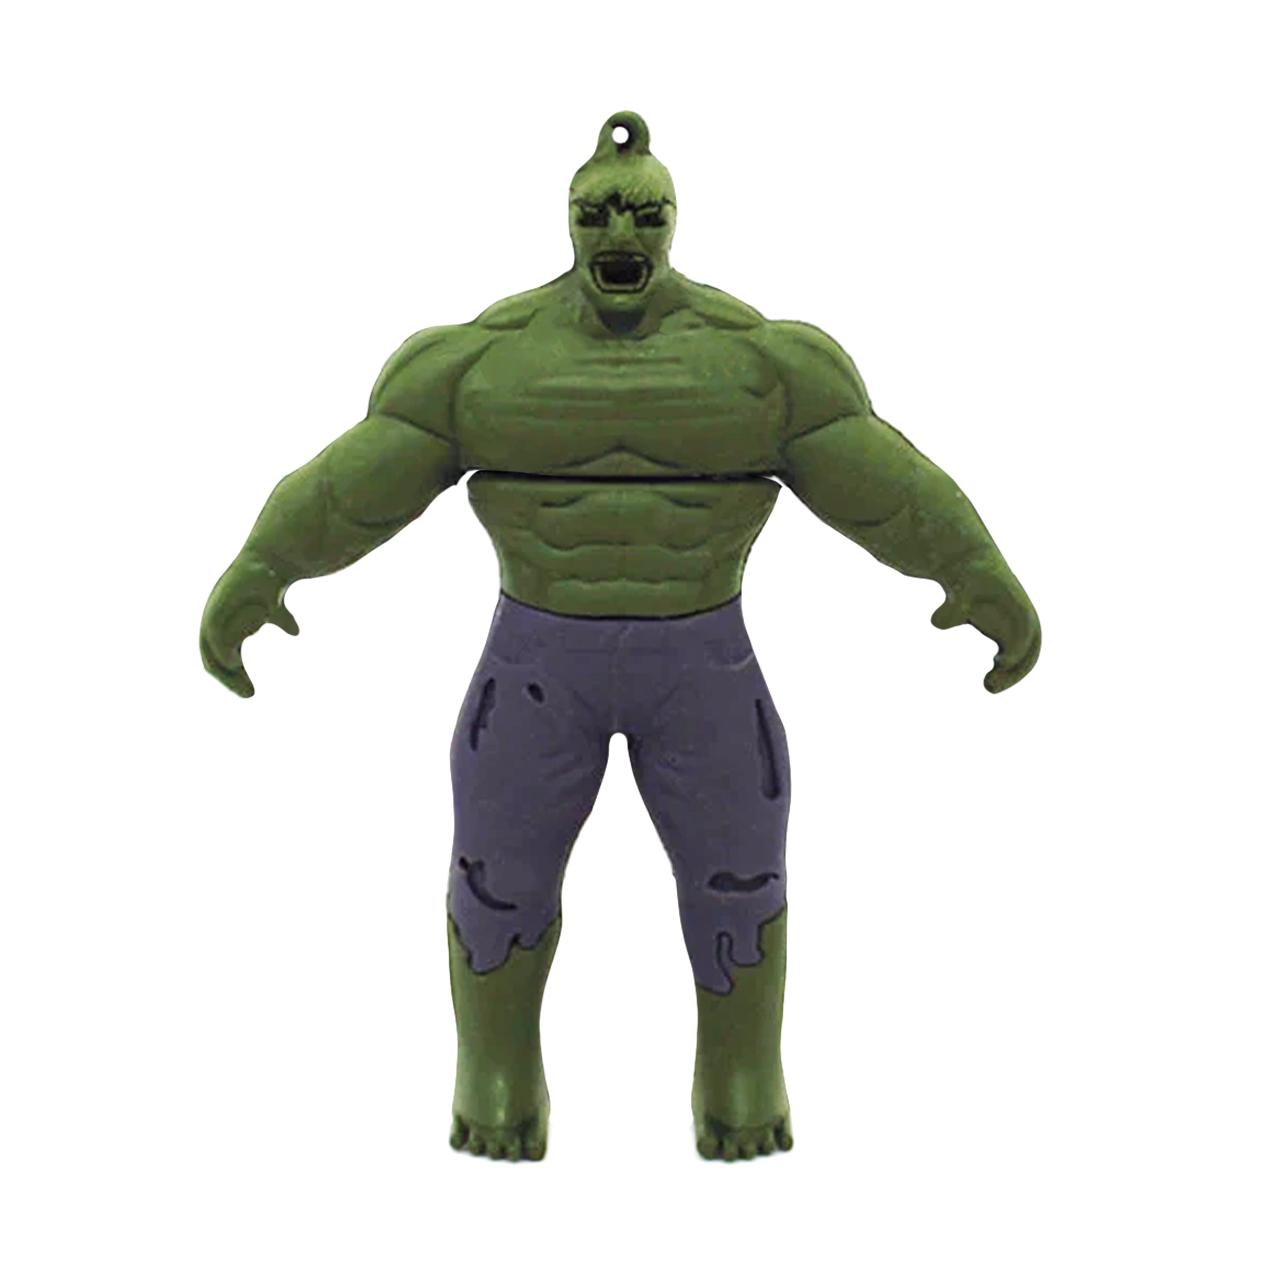 بررسی و {خرید با تخفیف} فلش مموری طرح Hulk مدل DPL1170-U3 ظرفیت 64 گیگابایت اصل